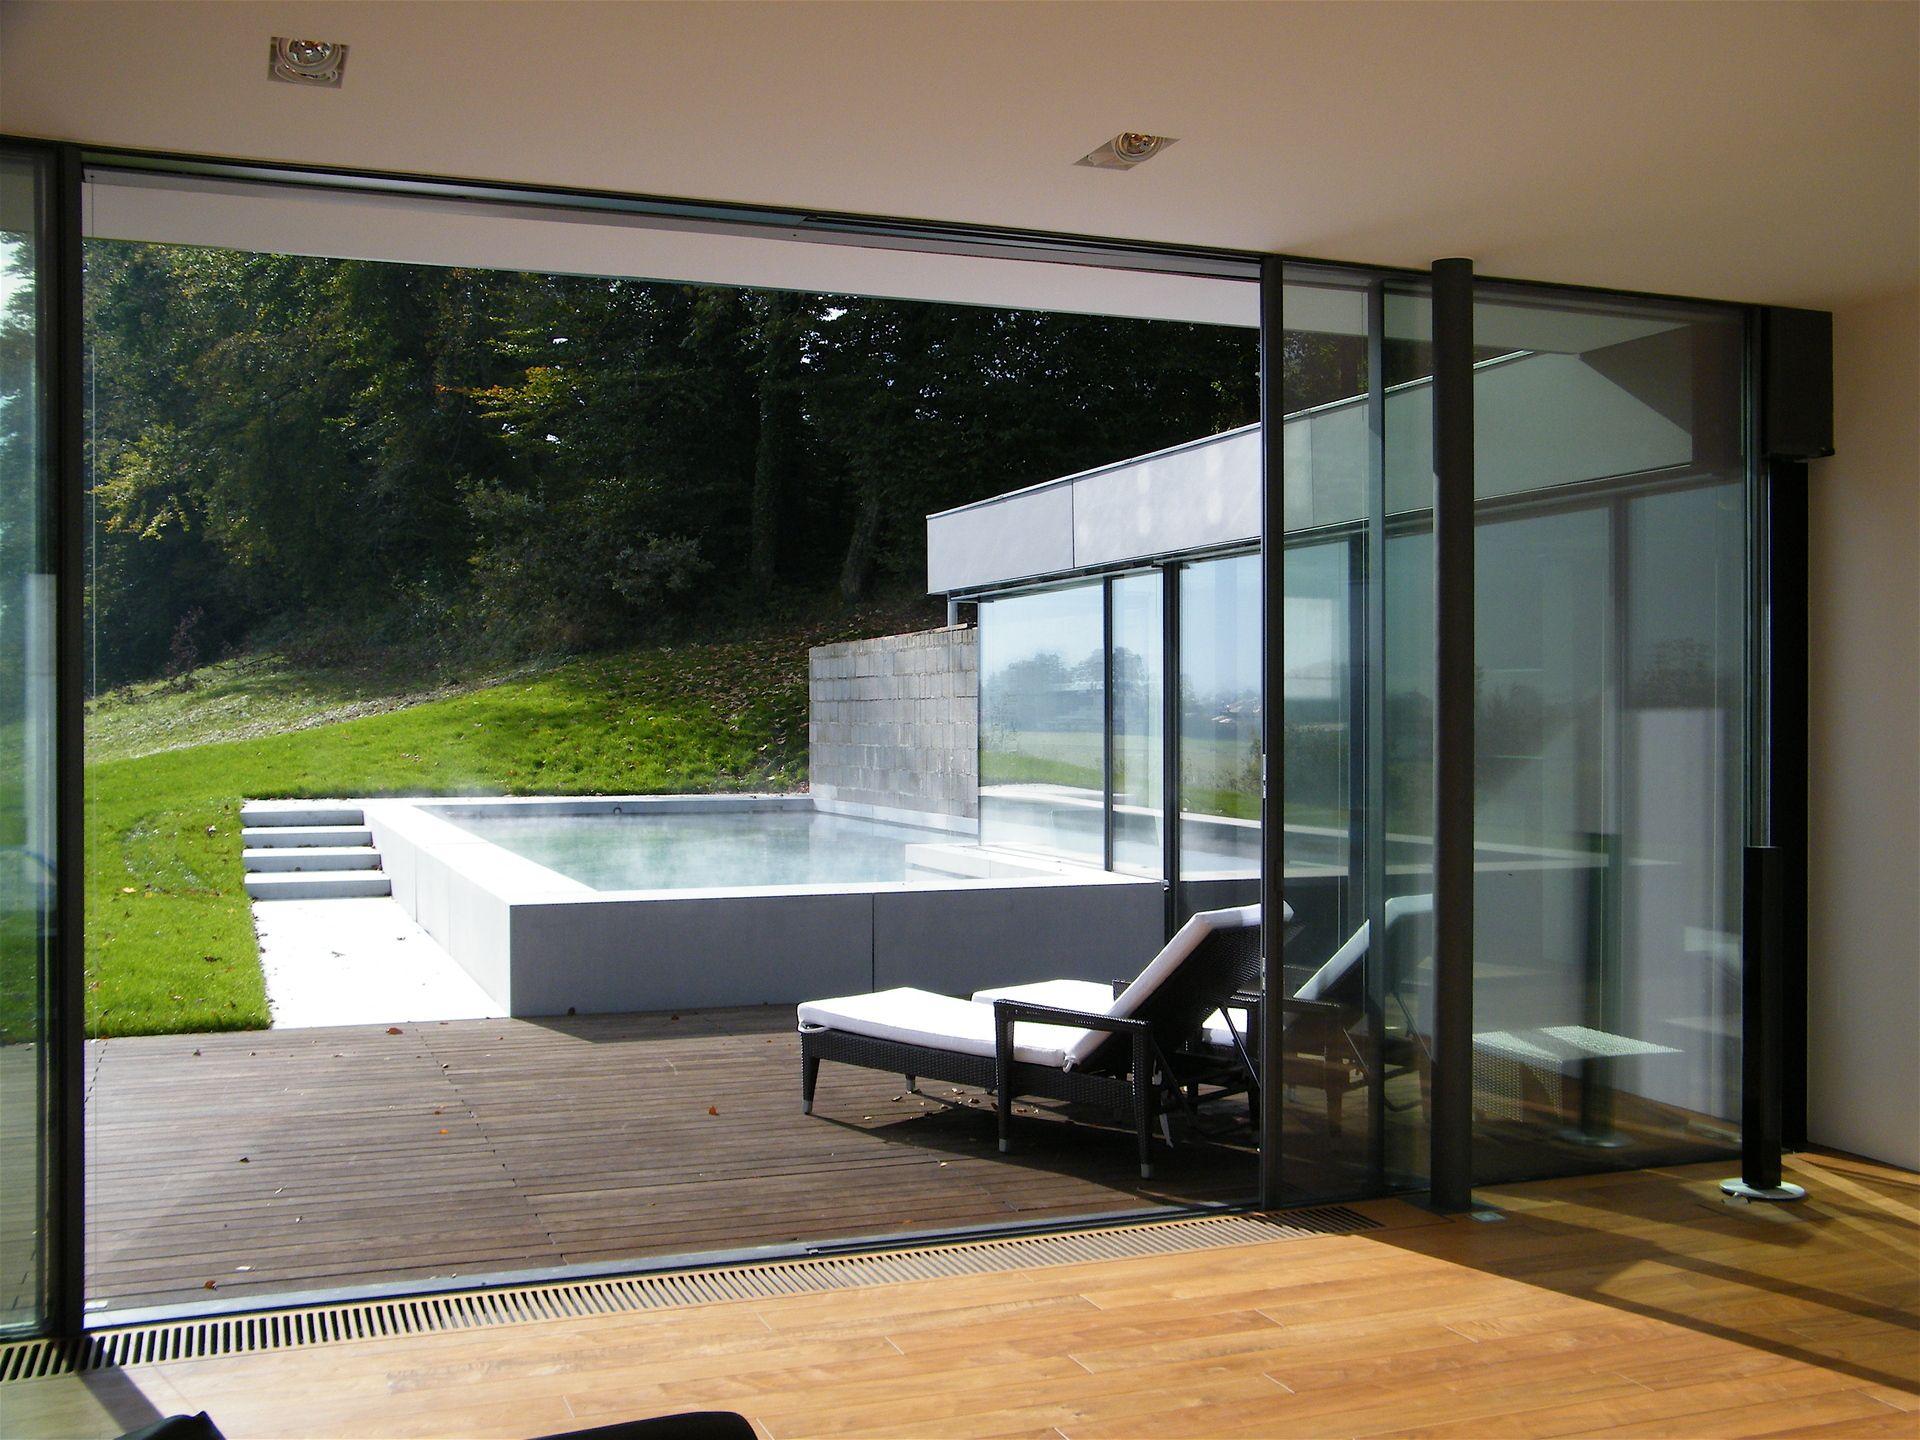 haus schmid modernes hanghaus im dialog mit altbestand und landschaftsraum. Black Bedroom Furniture Sets. Home Design Ideas